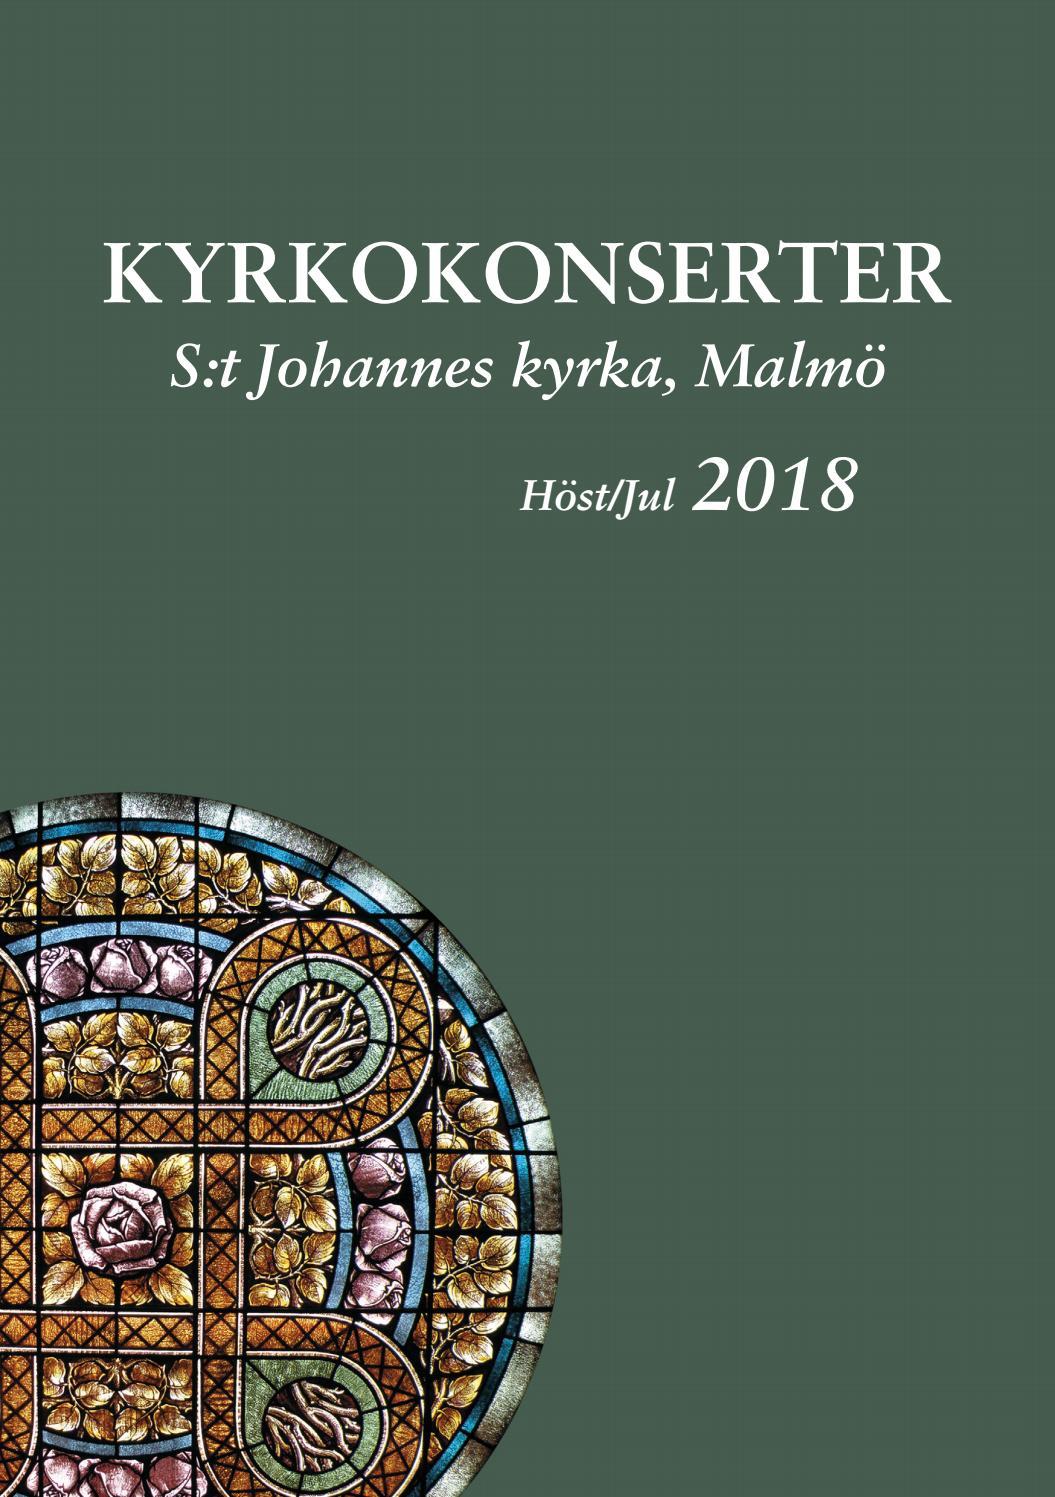 Tillbaks till framtiden - Eskilstuna - Svenska kyrkan